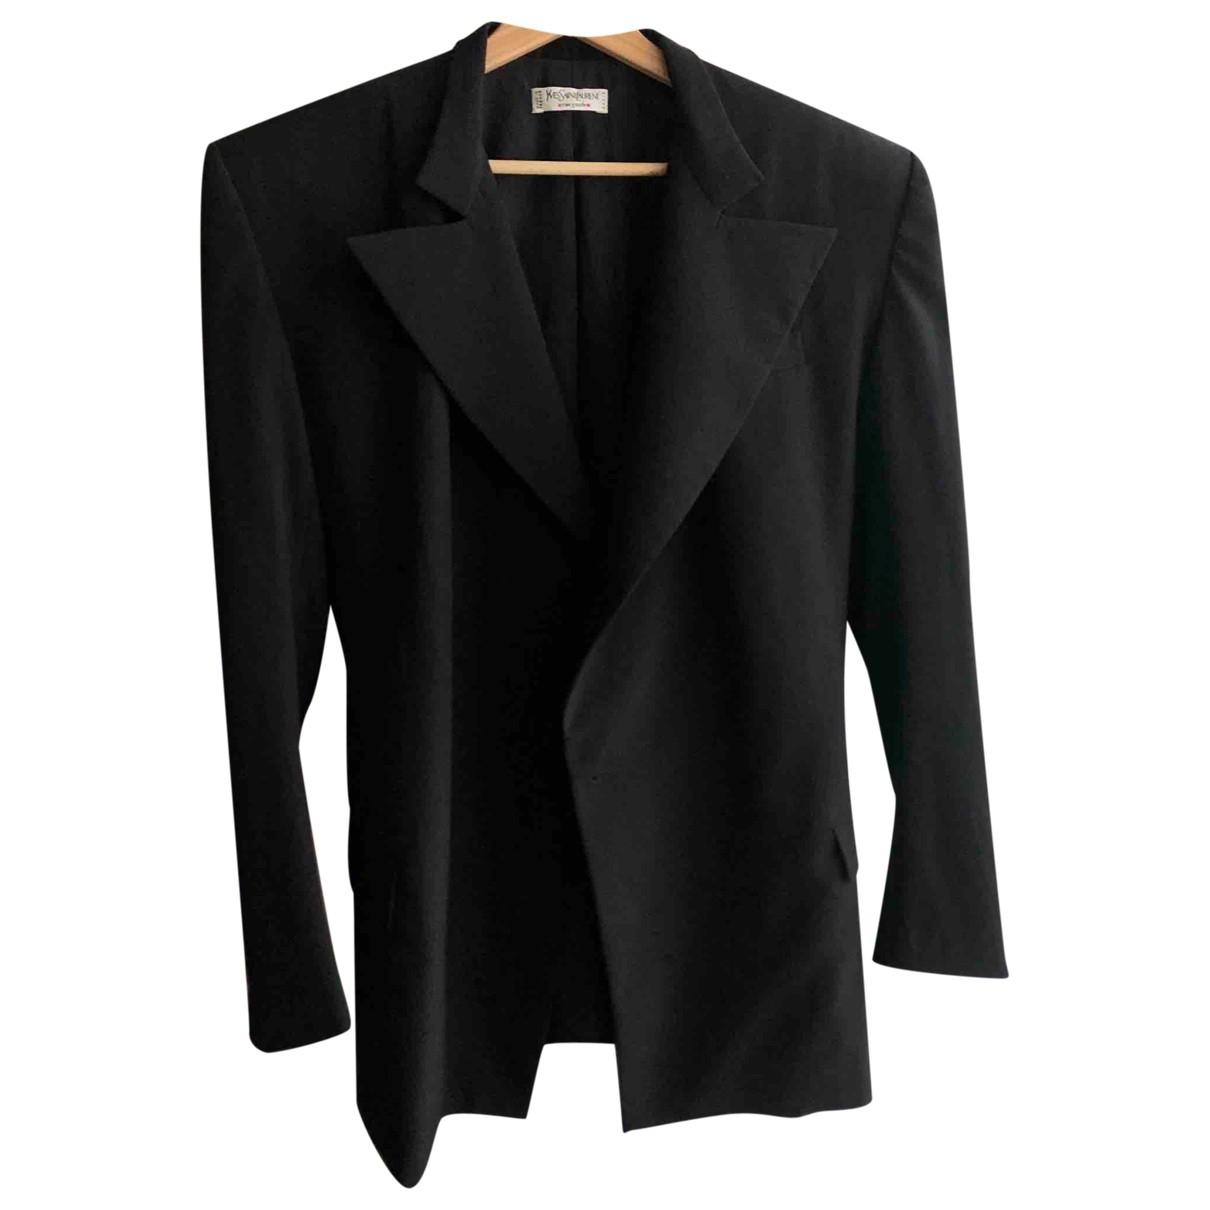 Yves Saint Laurent \N Jacke in  Schwarz Wolle